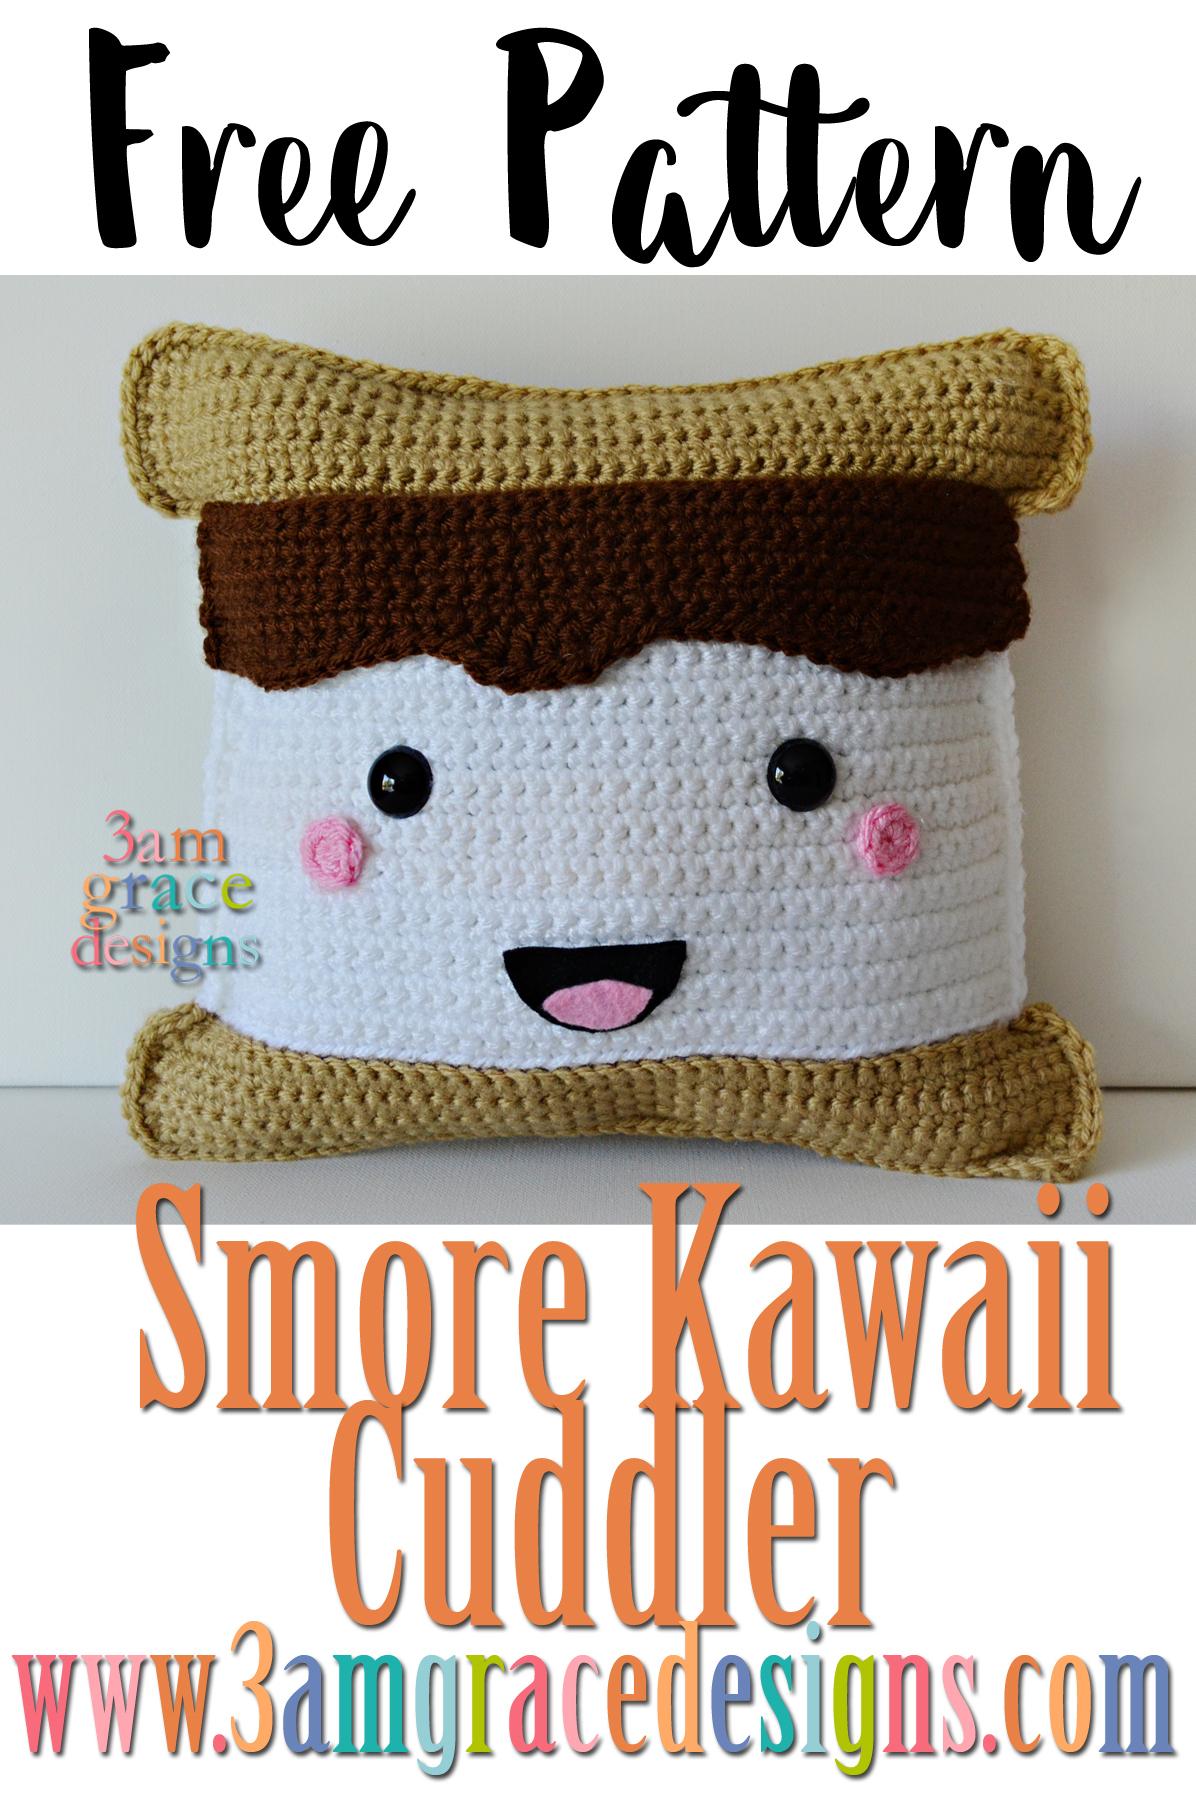 Smore Kawaii Cuddler 3amgracedesigns